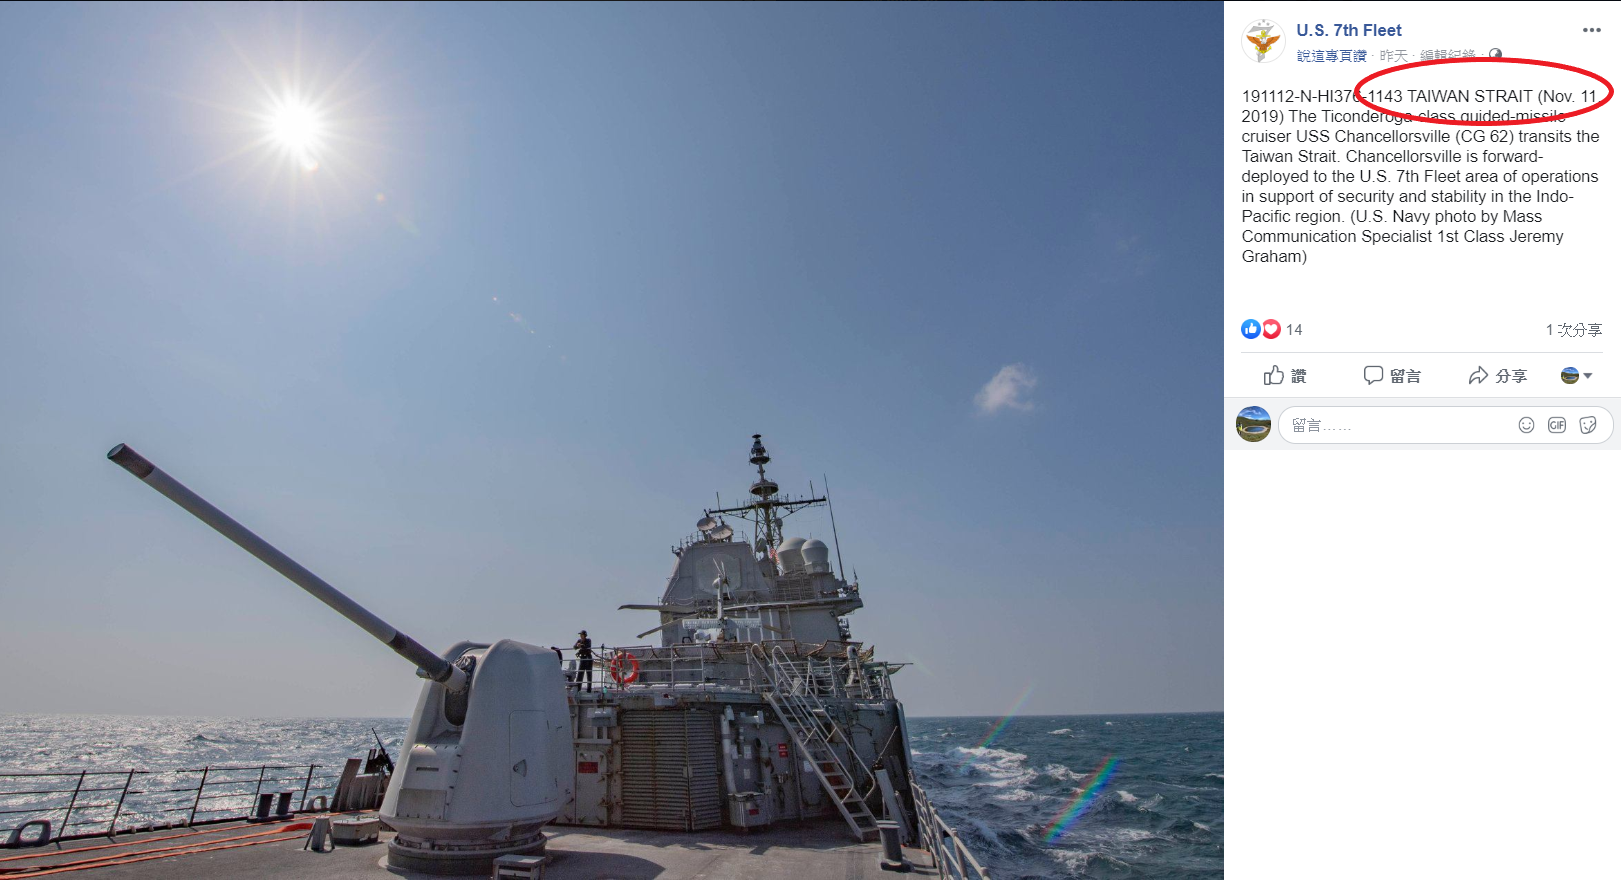 美軍挺台超直接? 第七艦隊FB用字悄改變 首見軍艦「穿過台灣海峽」